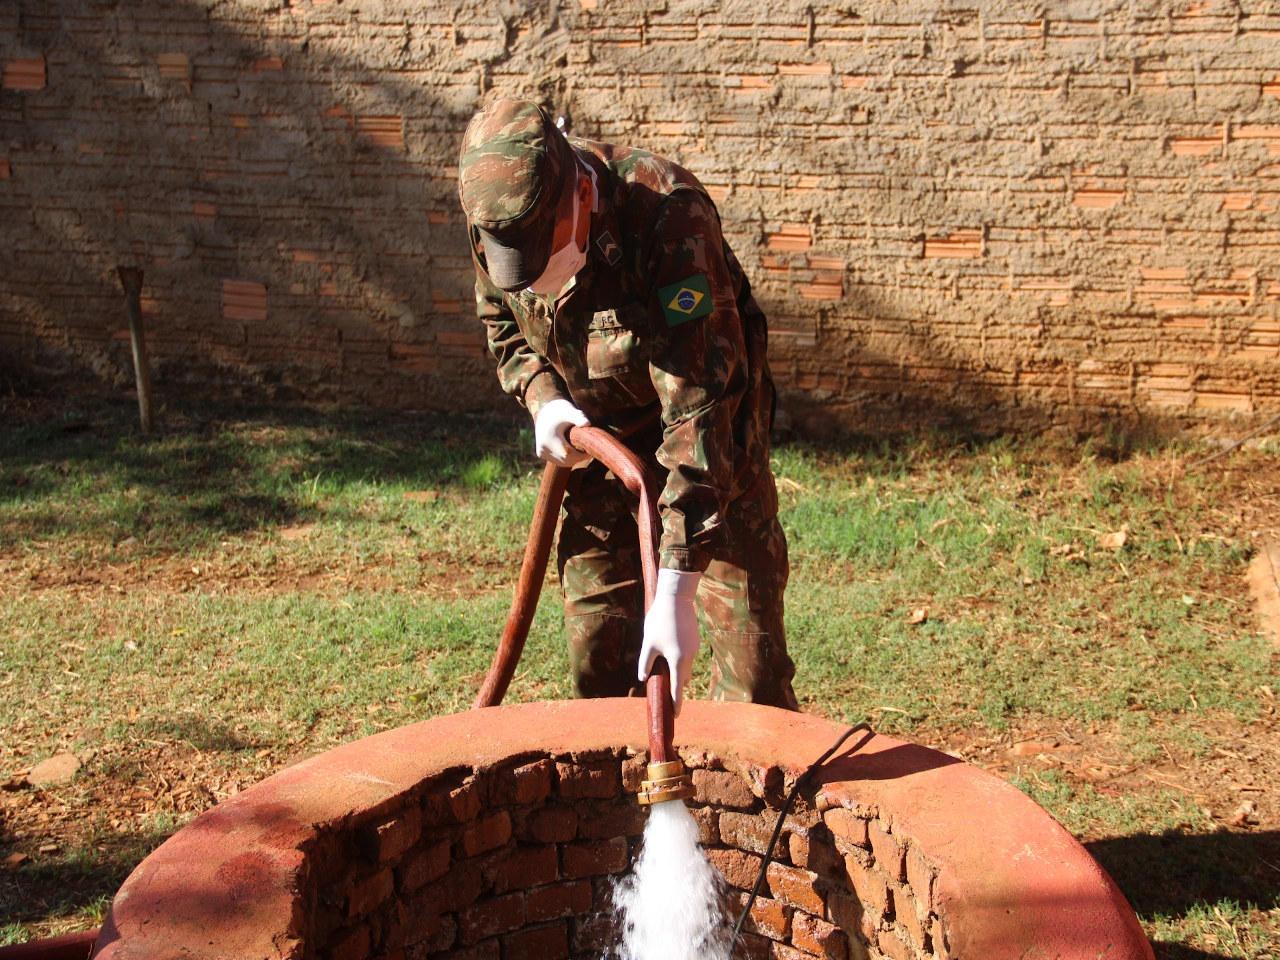 Durante pandemia, Forças Armadas ampliam distribuição de água à população